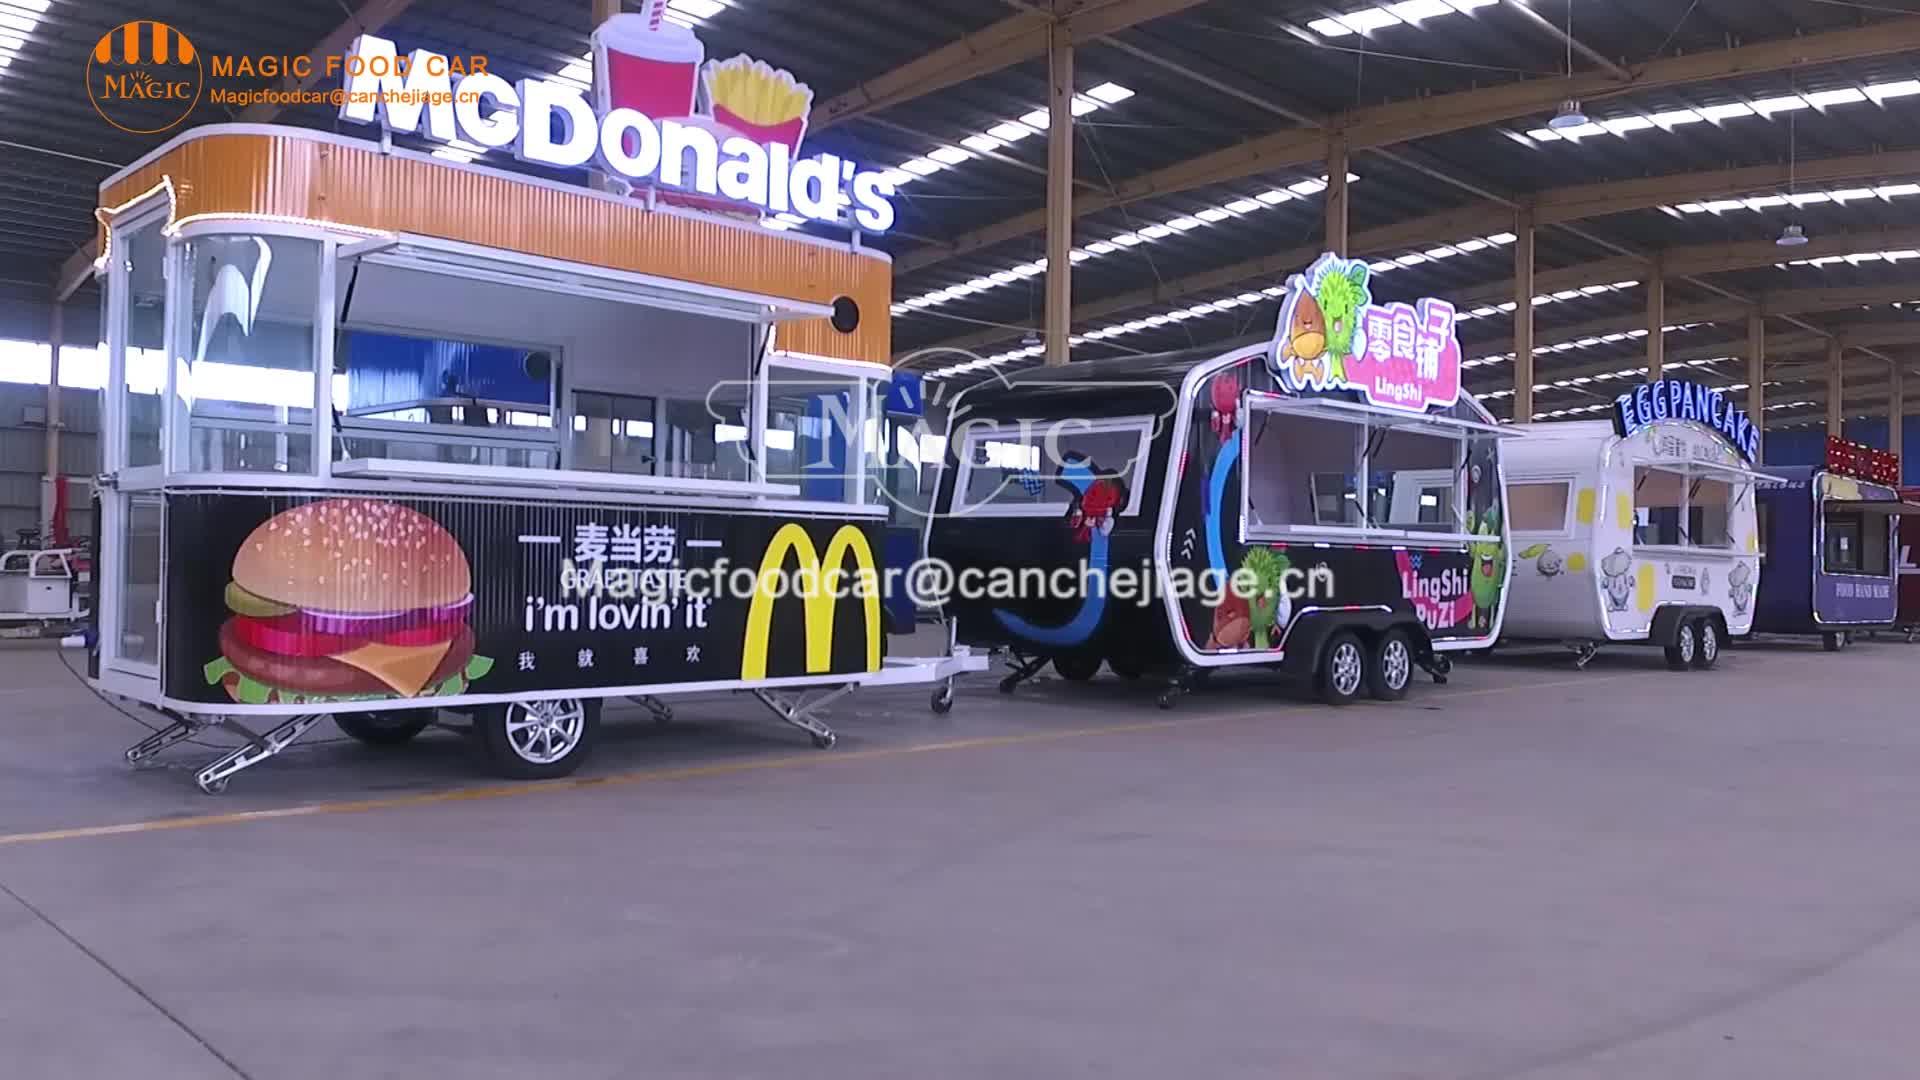 Sokak Pişirme Ekmek Tatlı Mısır Kiosk, Yemek Treyler Mobil Yemek Arabası, Tekerlekli Elektrikli Yemek Arabası